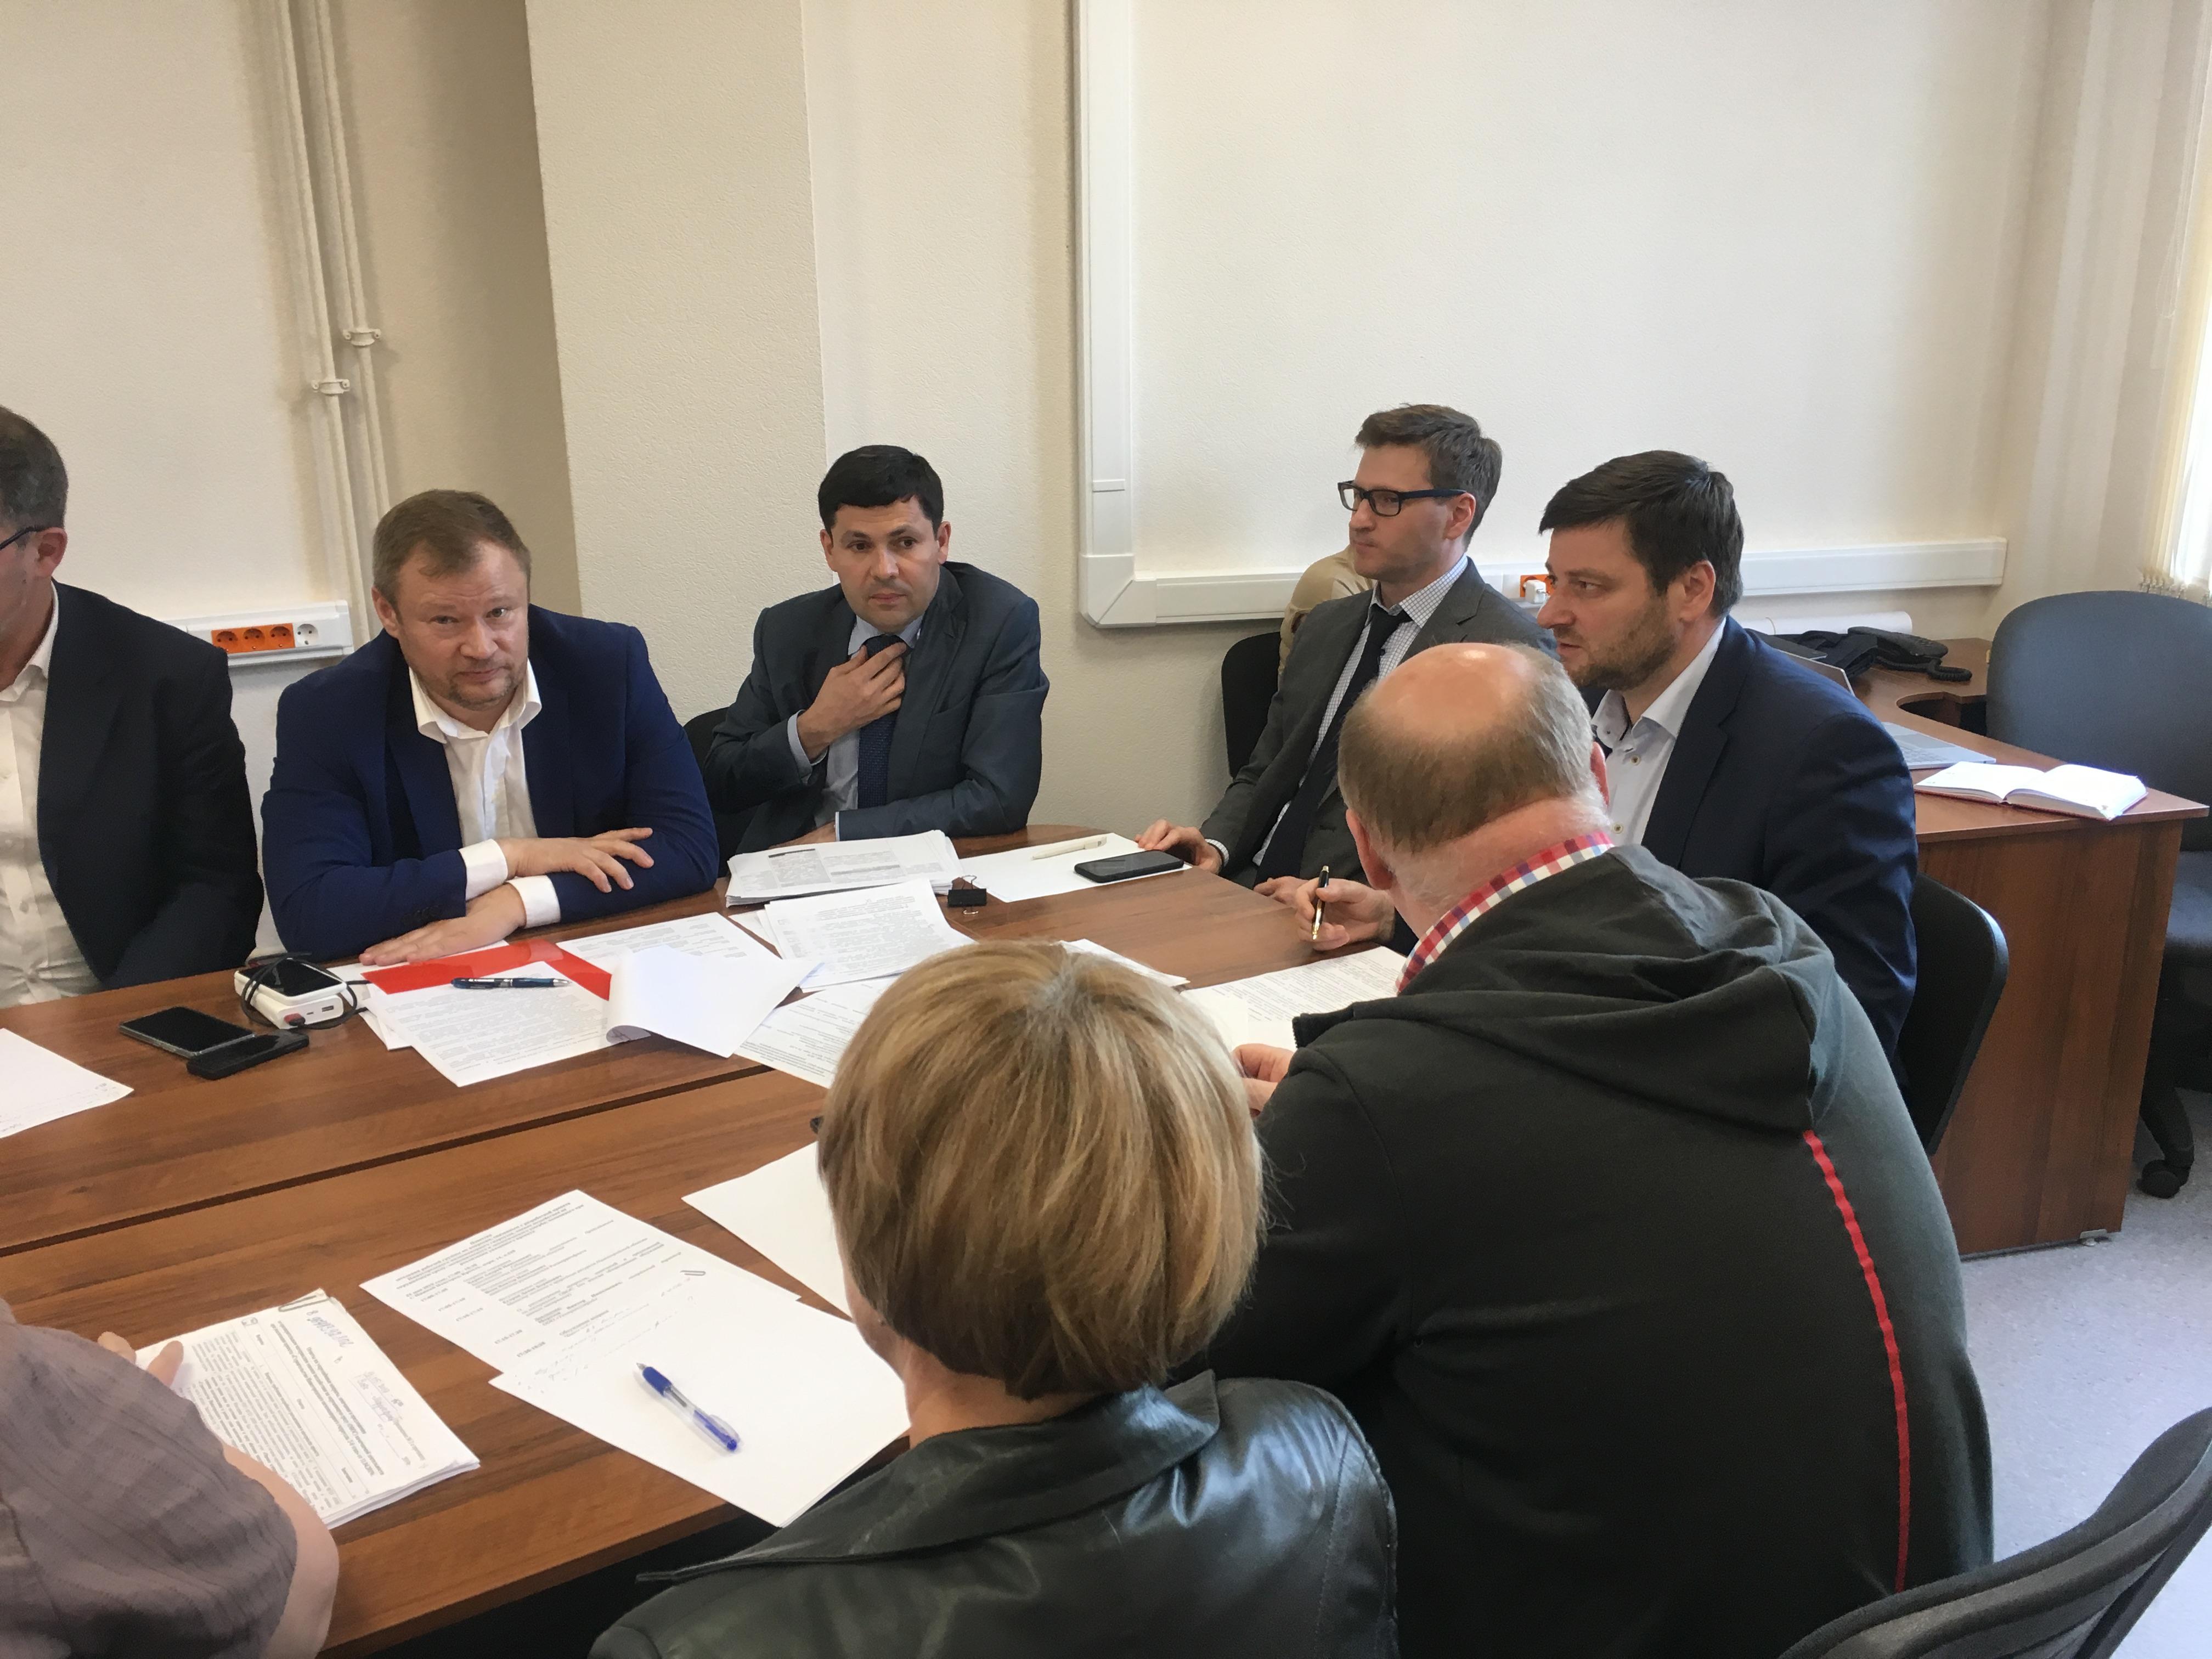 Альтернативные строительству низконапорного гидроузла проекты обсудили в Нижнем Новгороде